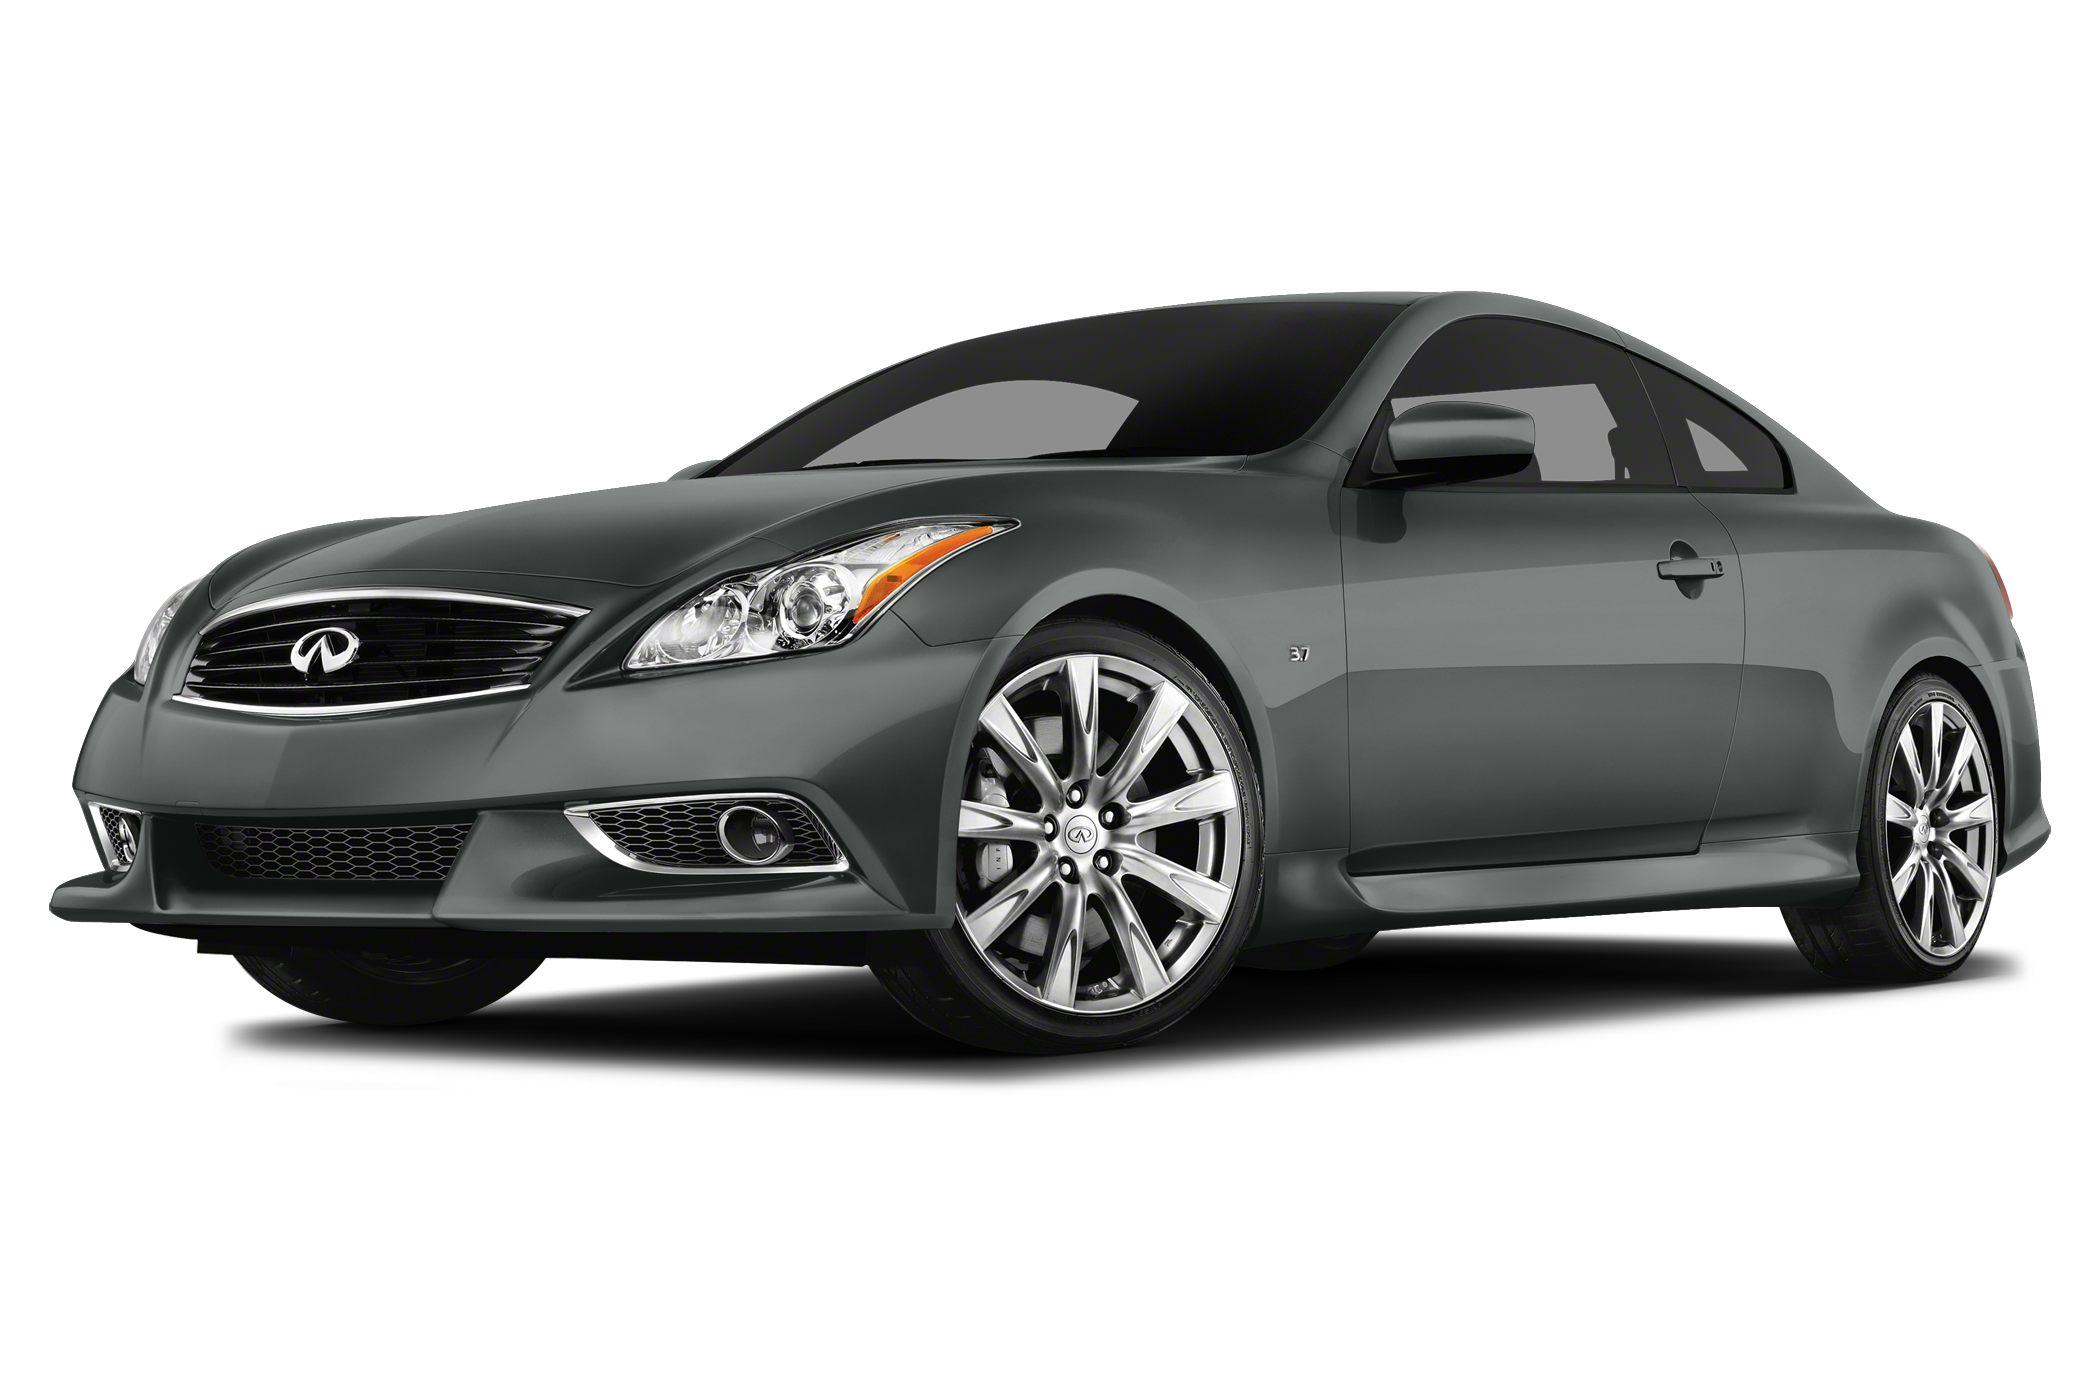 2020 Infiniti Q60 Coupe Ipl Pricing